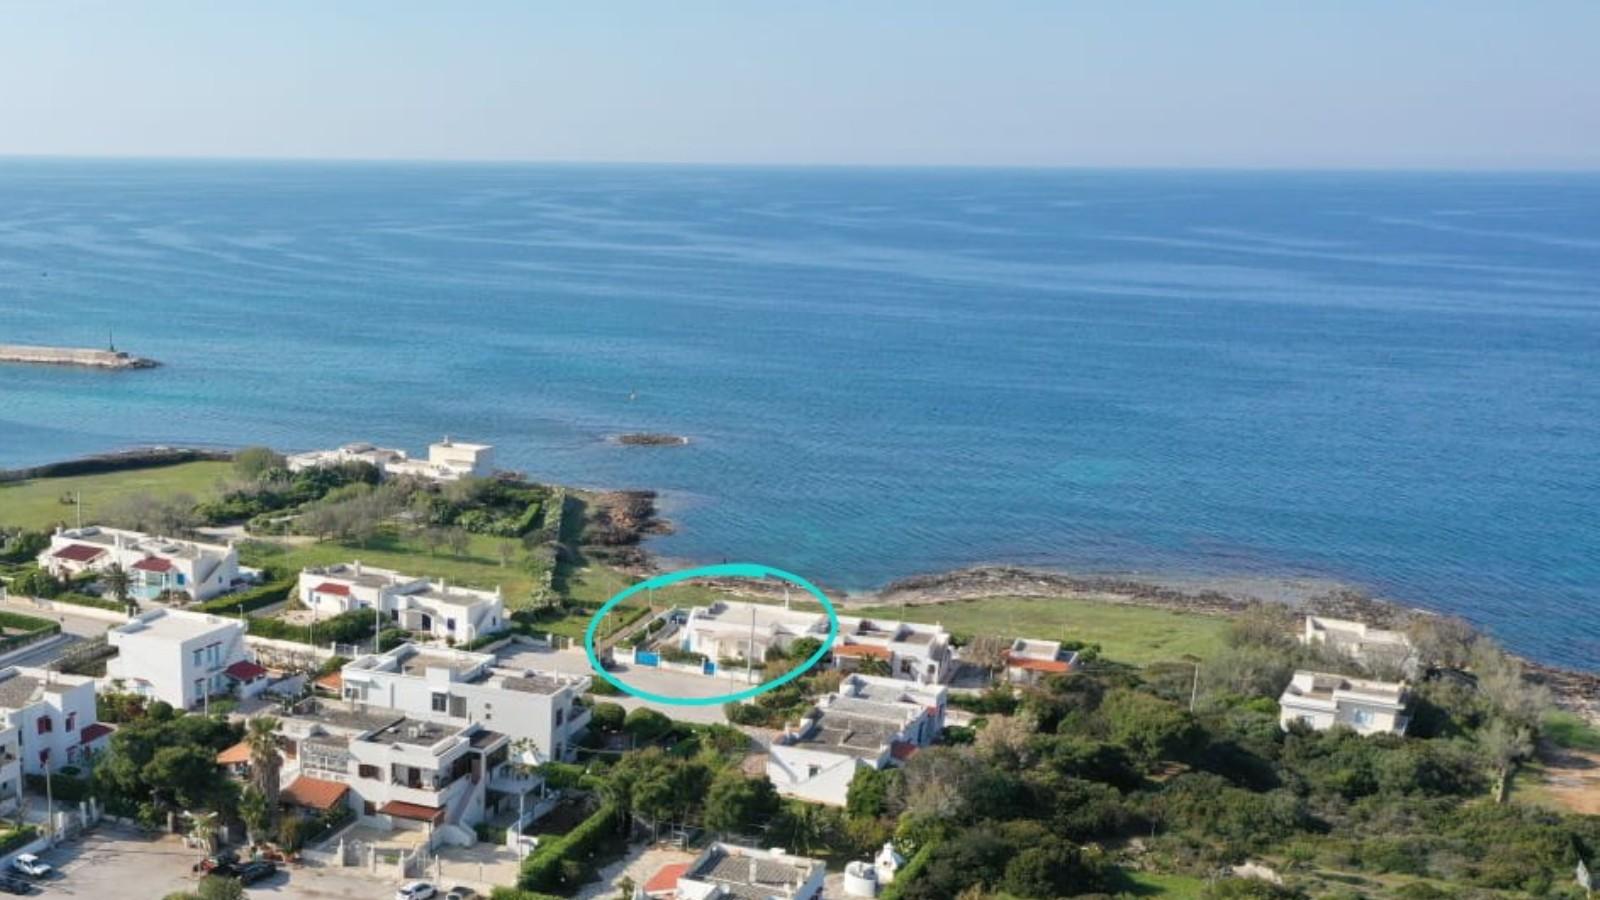 vacanze ostuni villa lairo mare drone